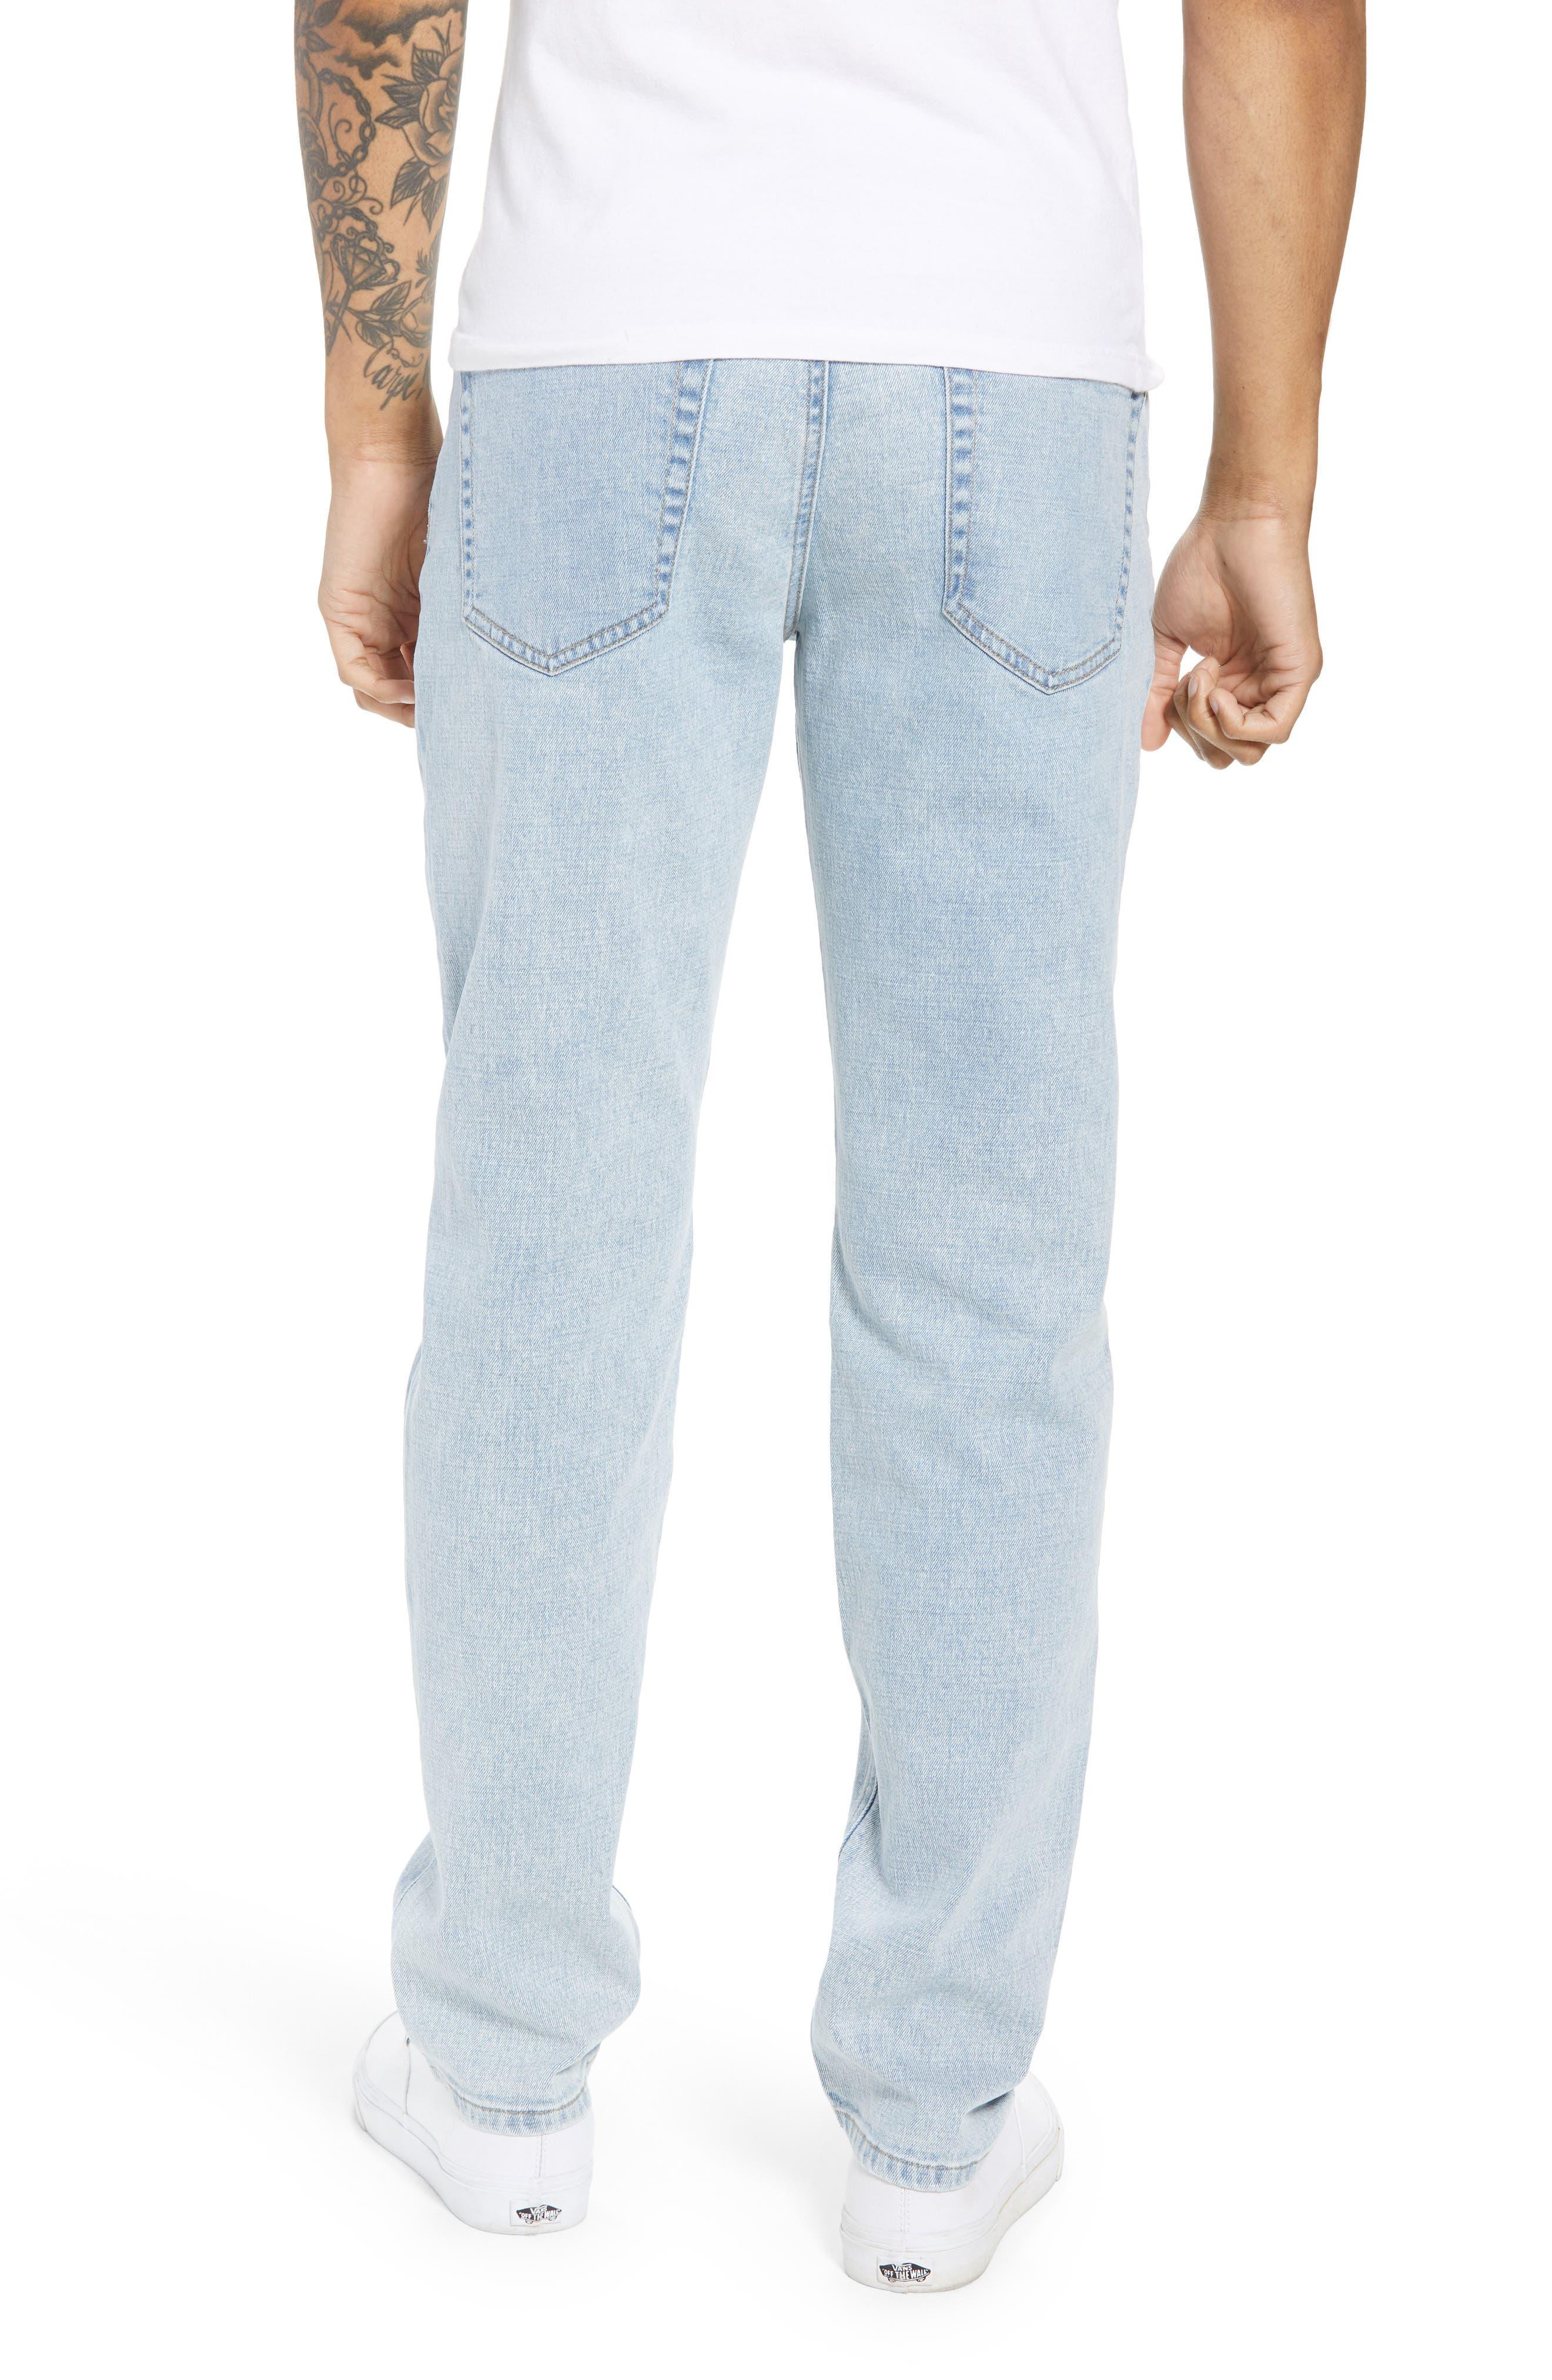 Acid Wash Stretch Slim Leg Jeans,                             Alternate thumbnail 2, color,                             BLUE VEDDER WASH